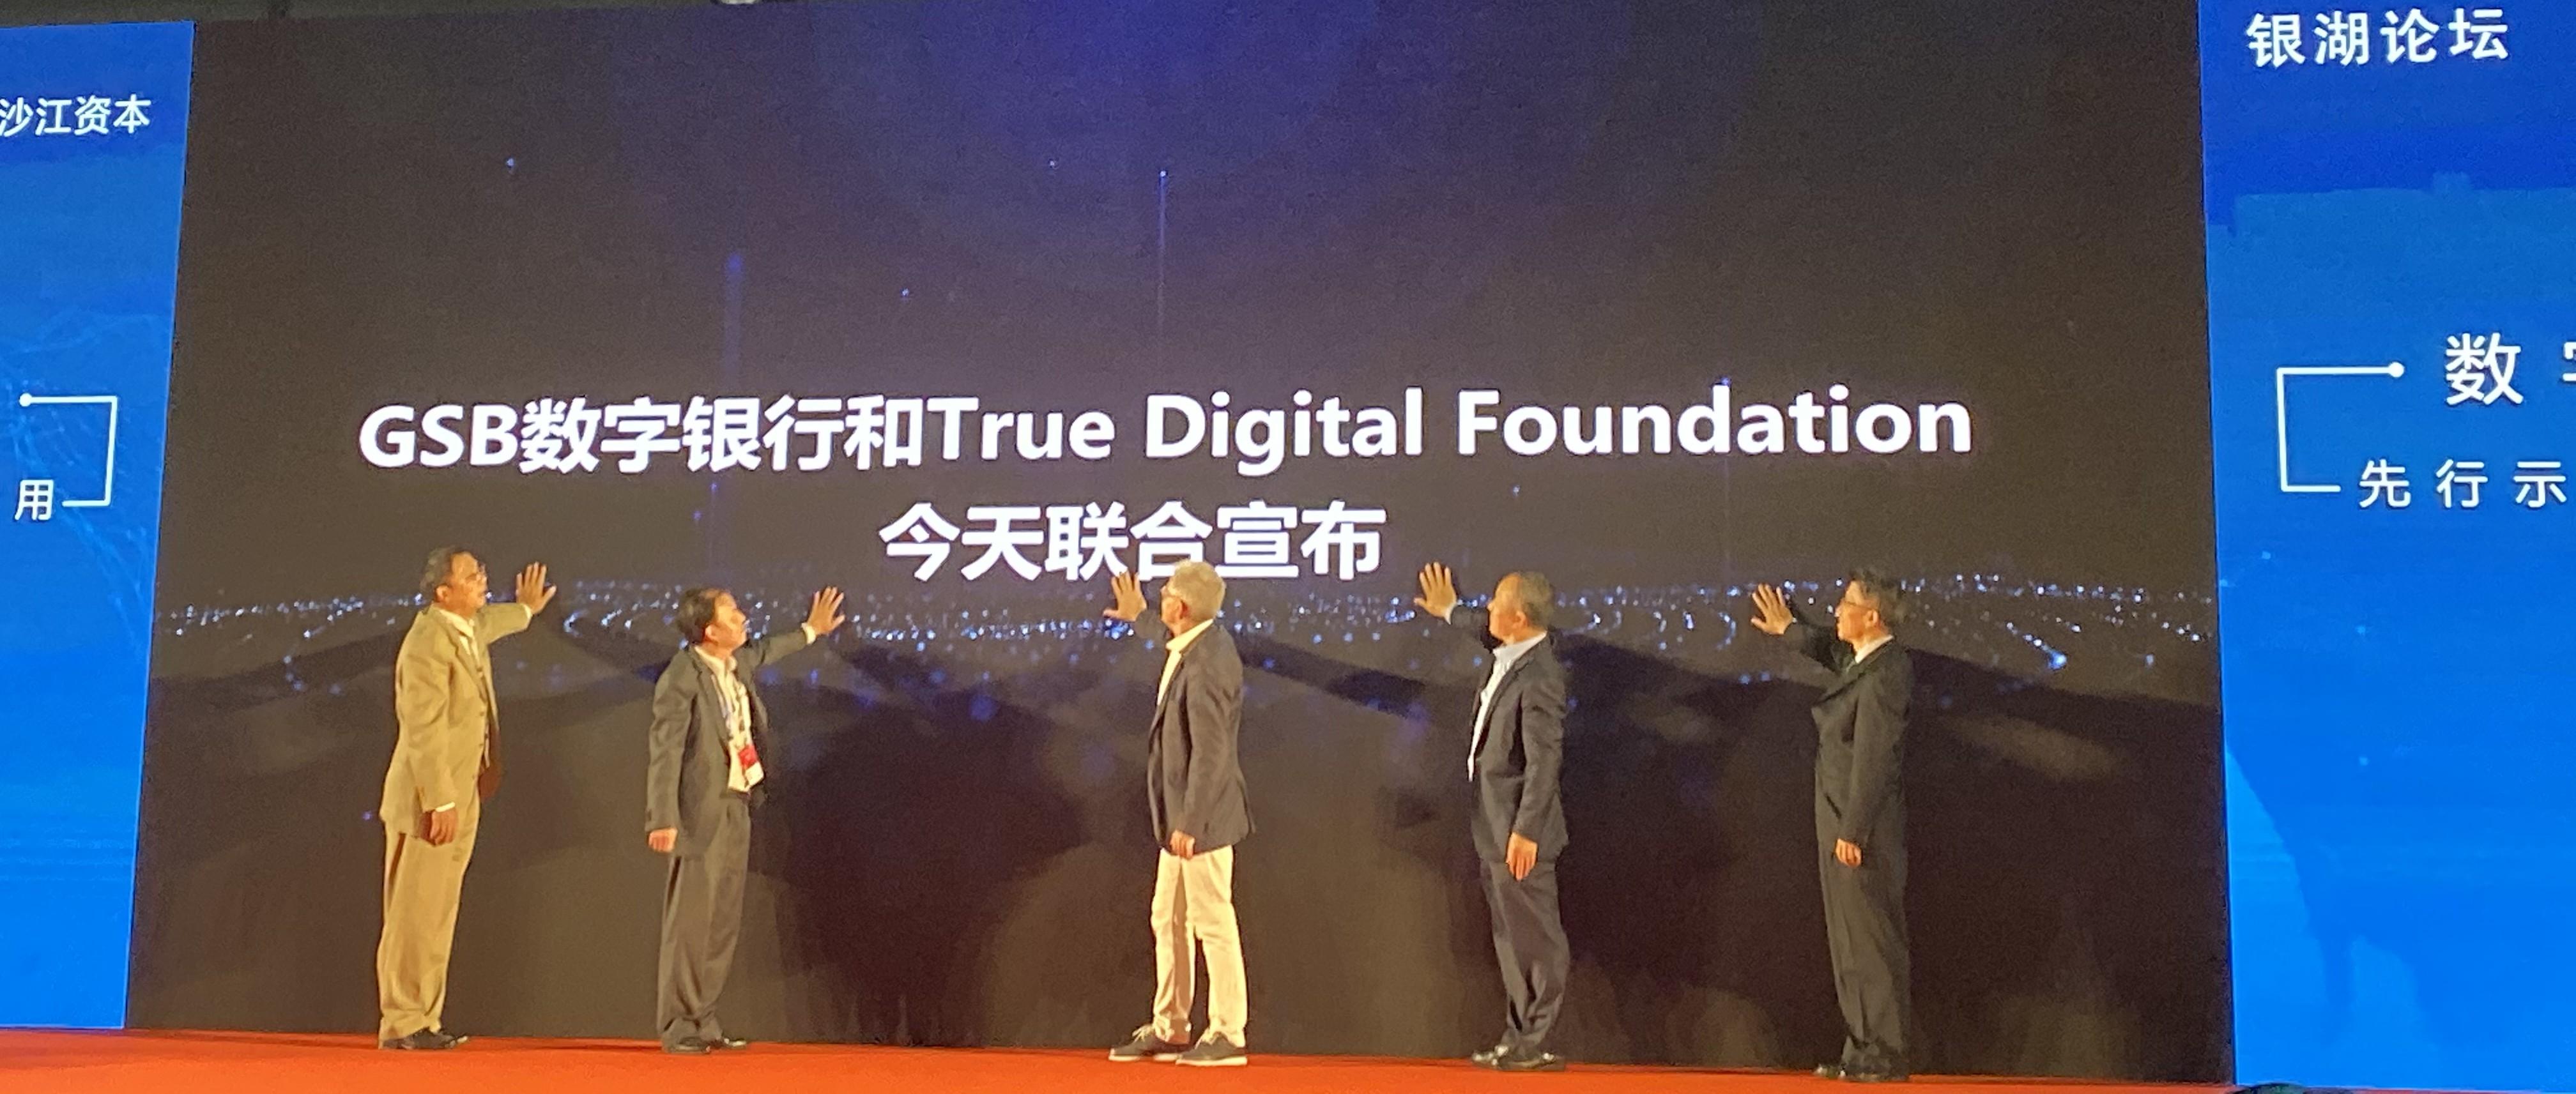 金色前哨|金沙江资本金沙数字银行和True Digital Foundation 合作发布宣言